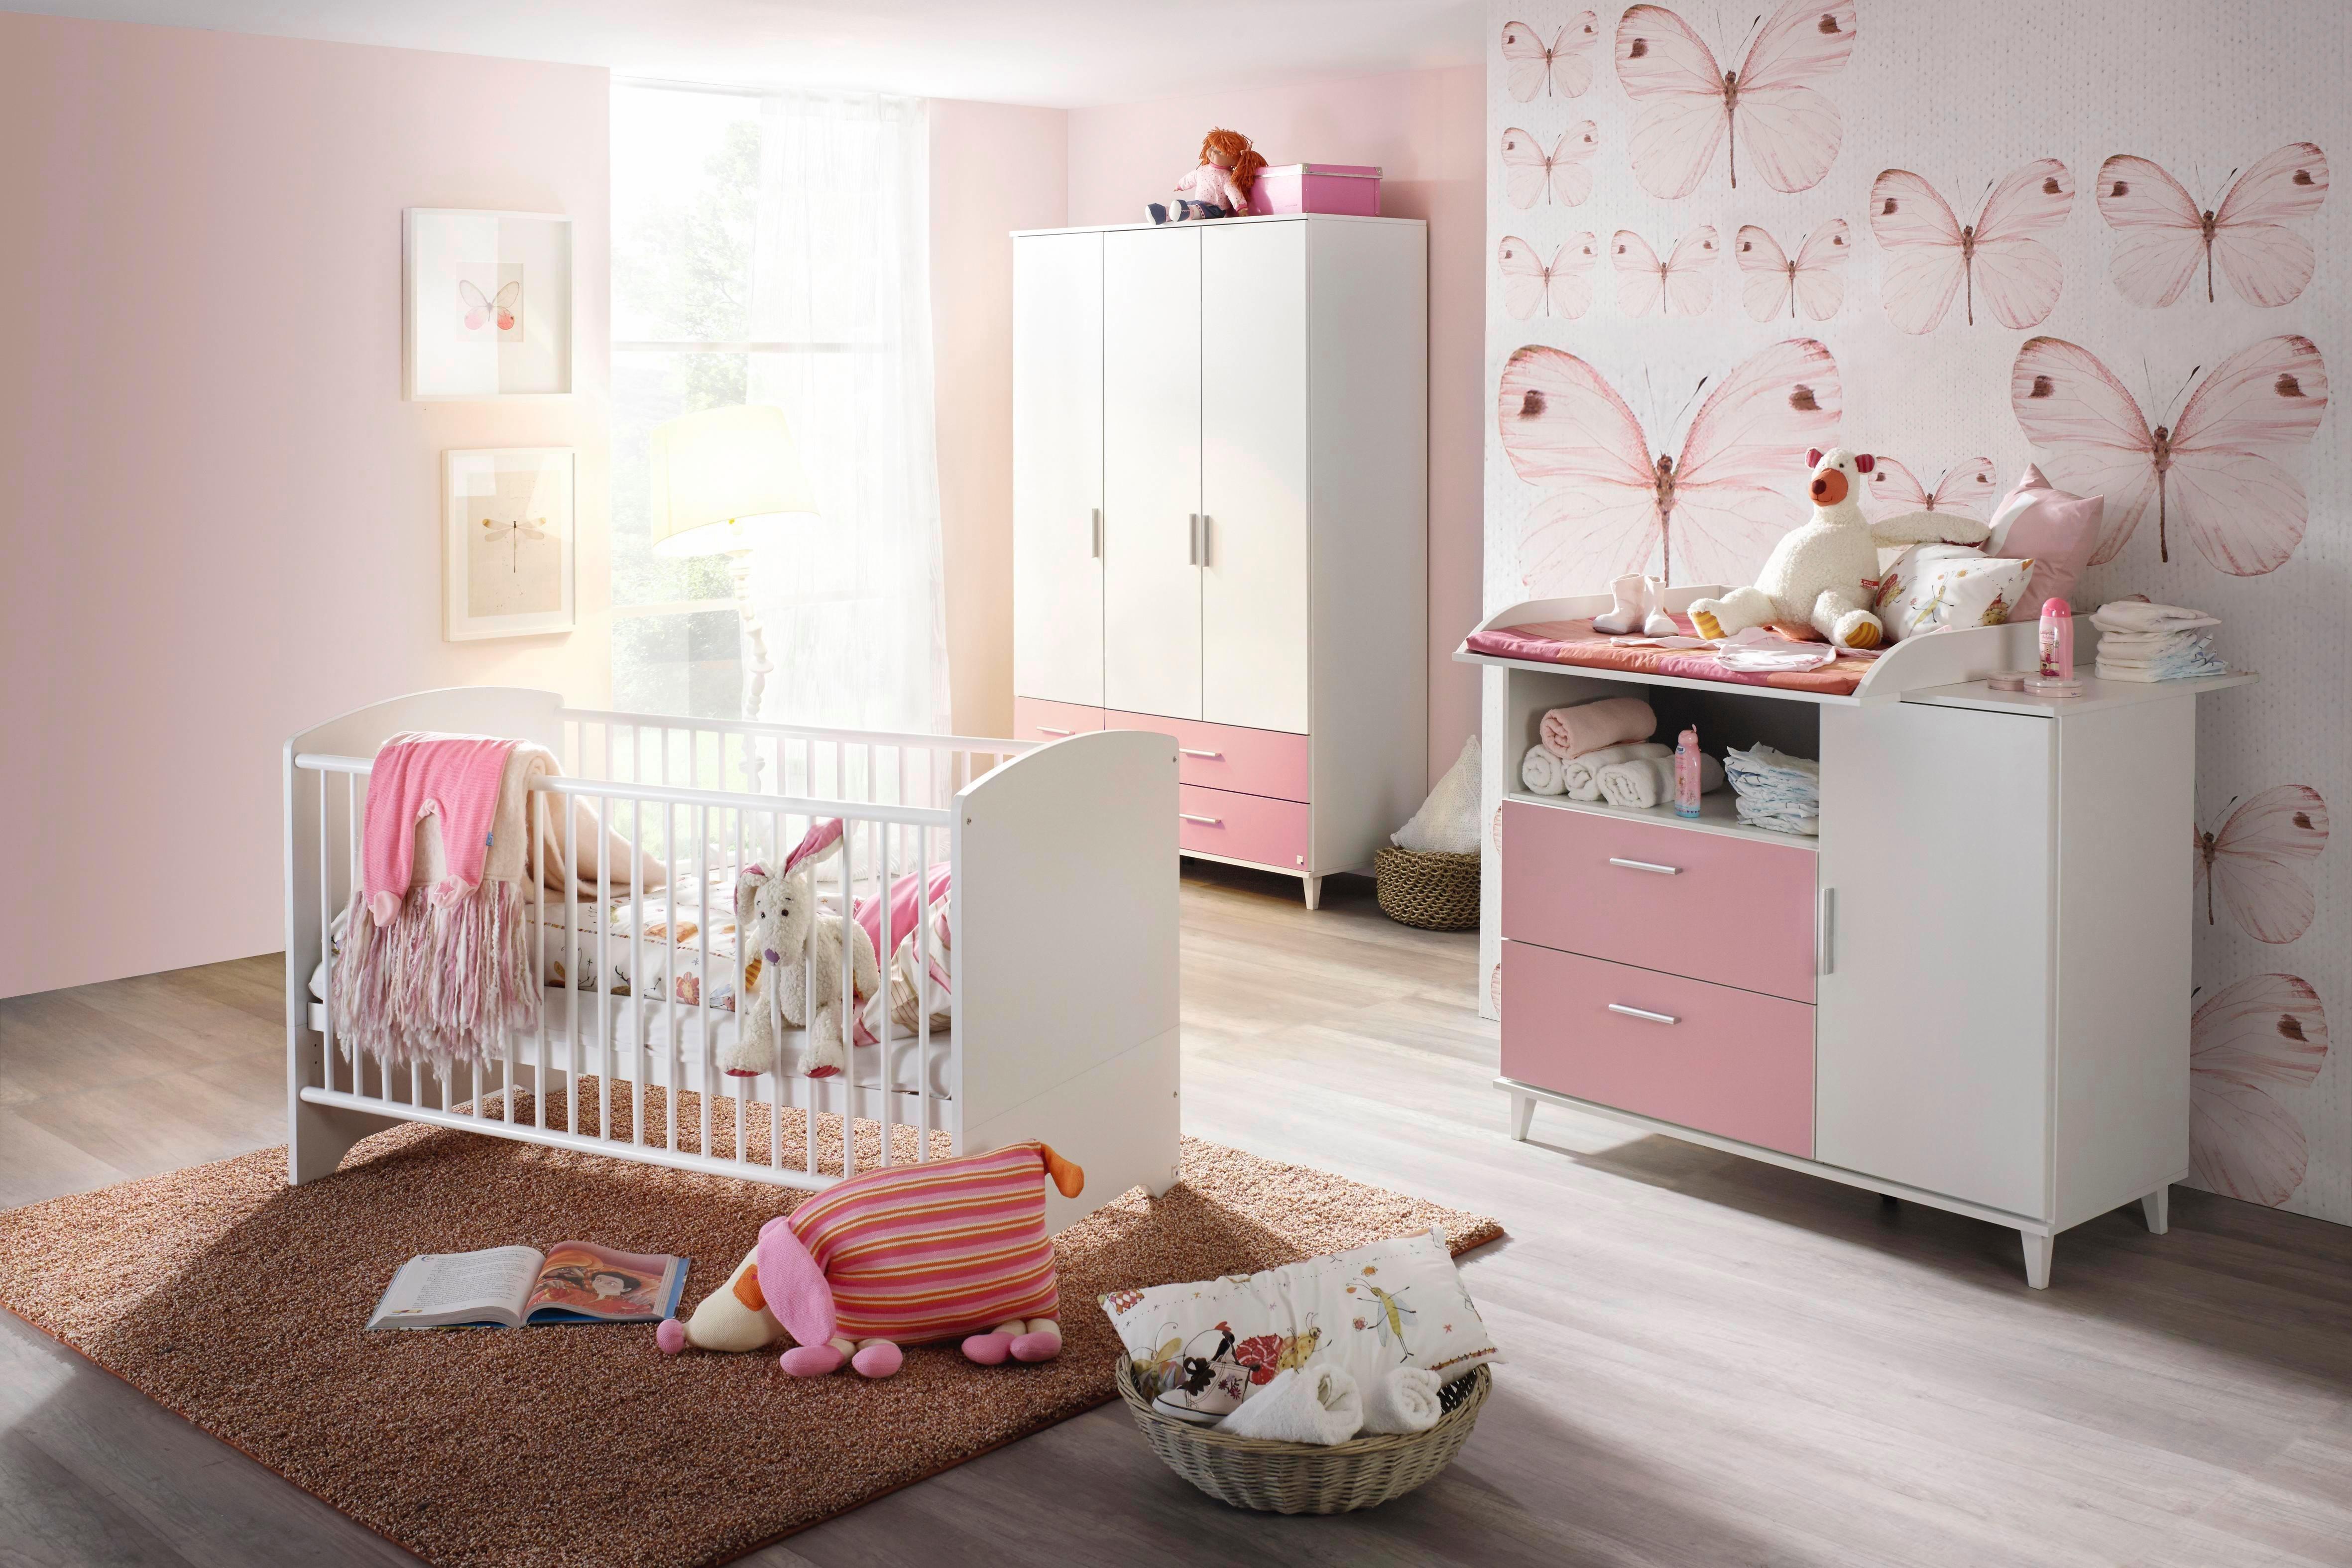 babyzimmer komplett preisvergleich die besten angebote online kaufen. Black Bedroom Furniture Sets. Home Design Ideas